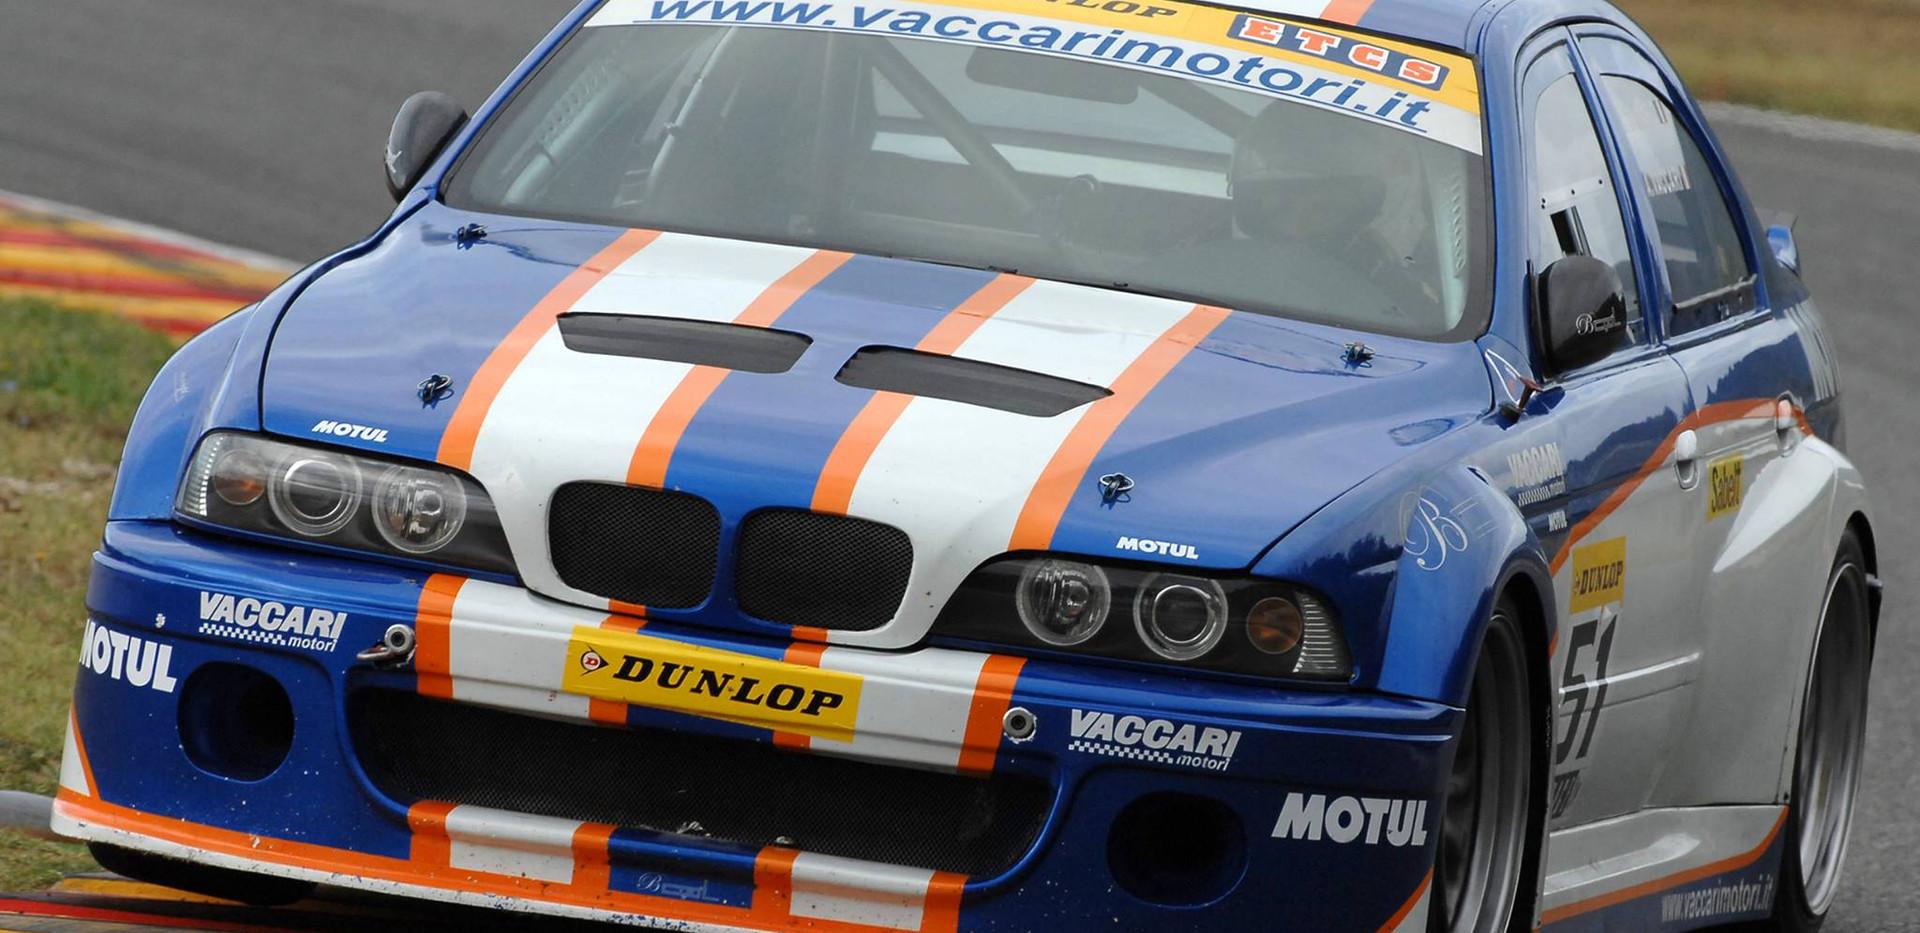 Campionato ETCS Bmw M5 V8 con Simone Di Mario e Adolfo Vaccari